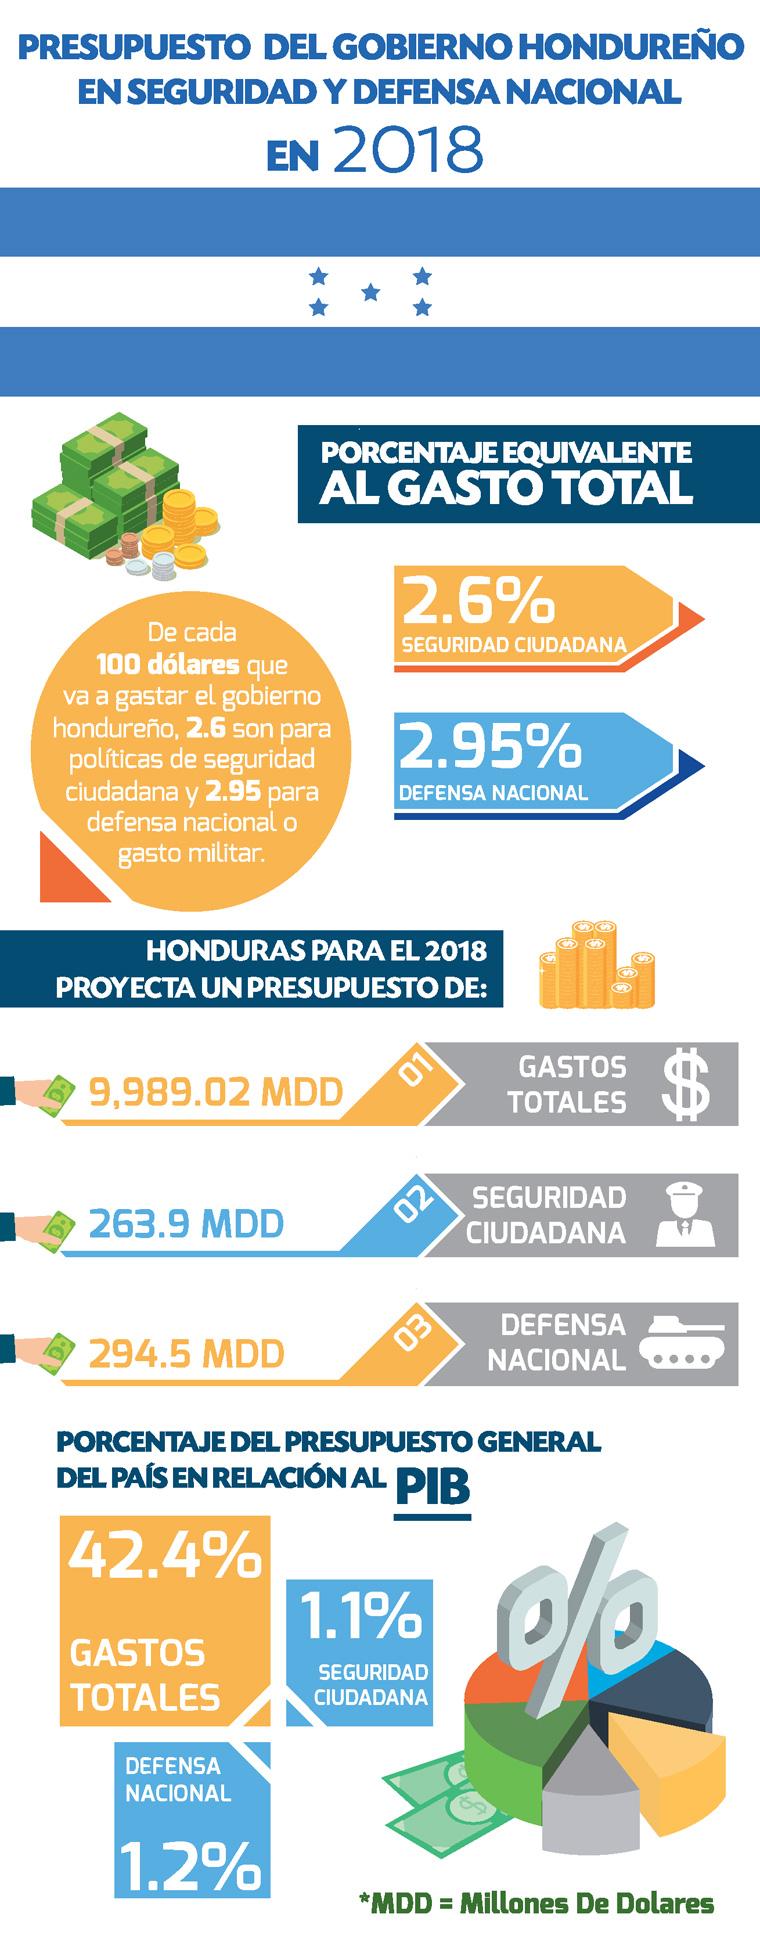 presupuesto de defensa nacional Honduras 2018